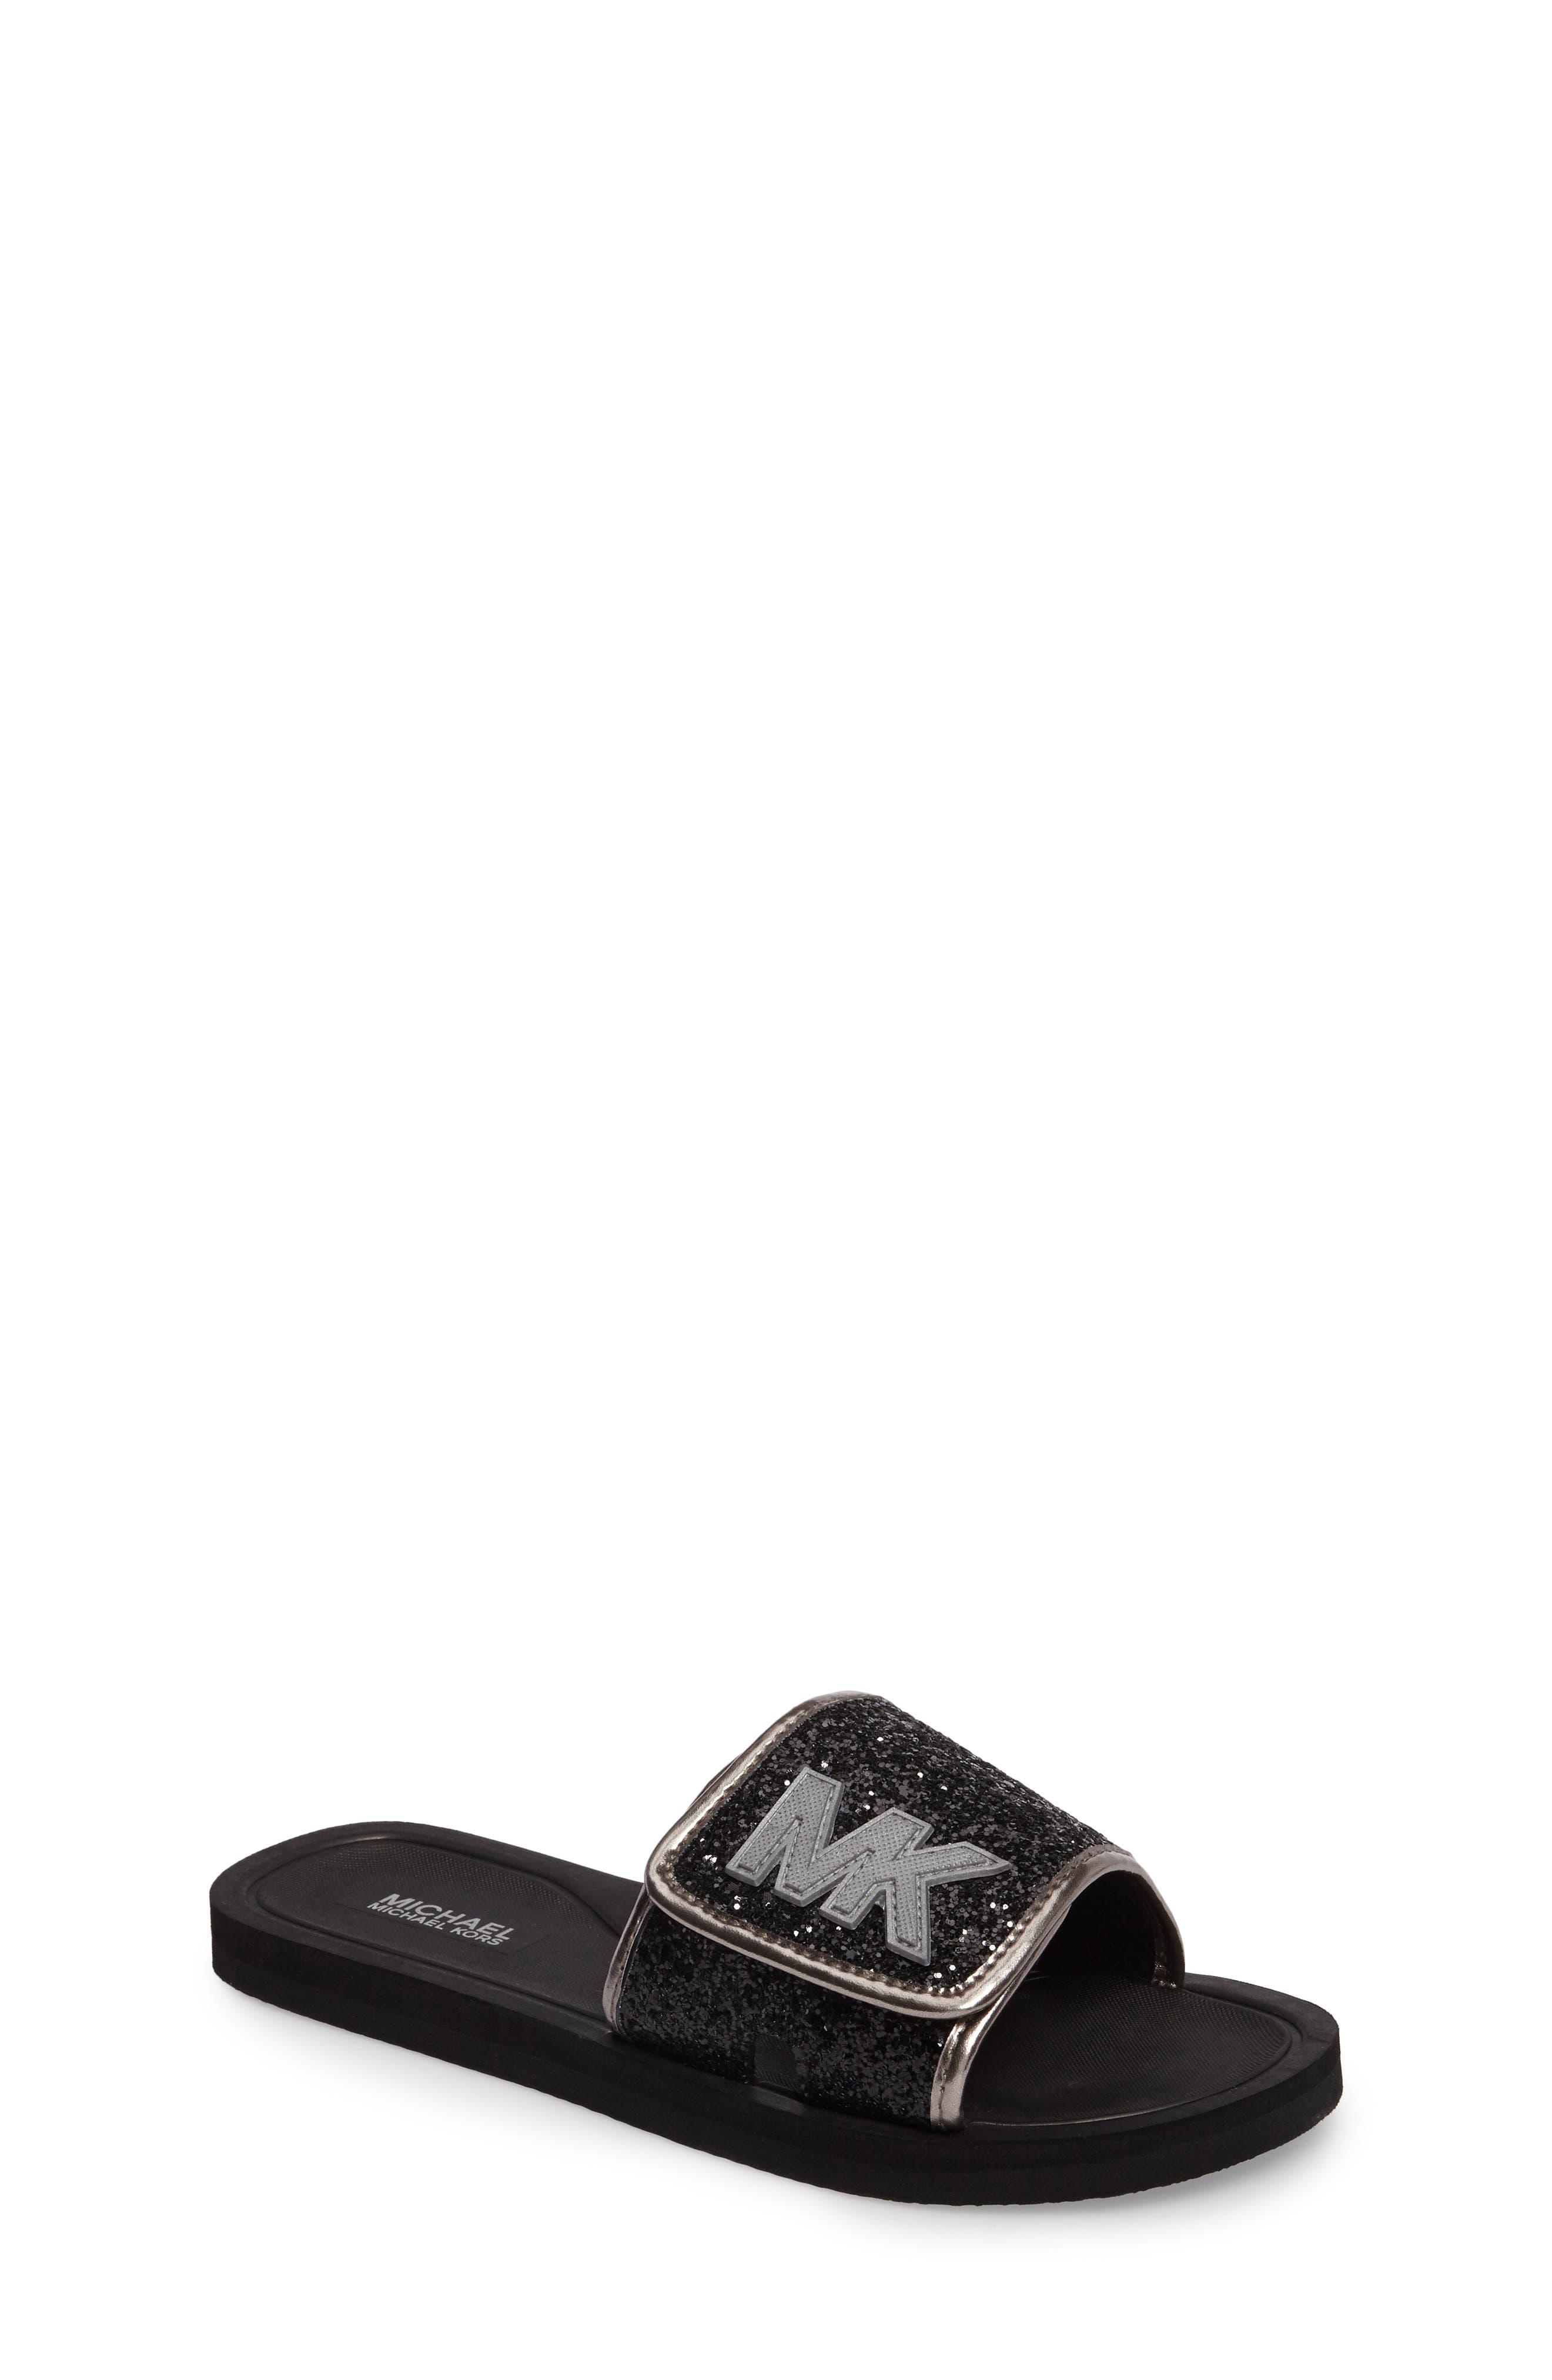 Alternate Image 1 Selected - MICHAEL Michael Kors Eli Glow Glitter Slide Sandal (Toddler, Little Kid & Big Kid)